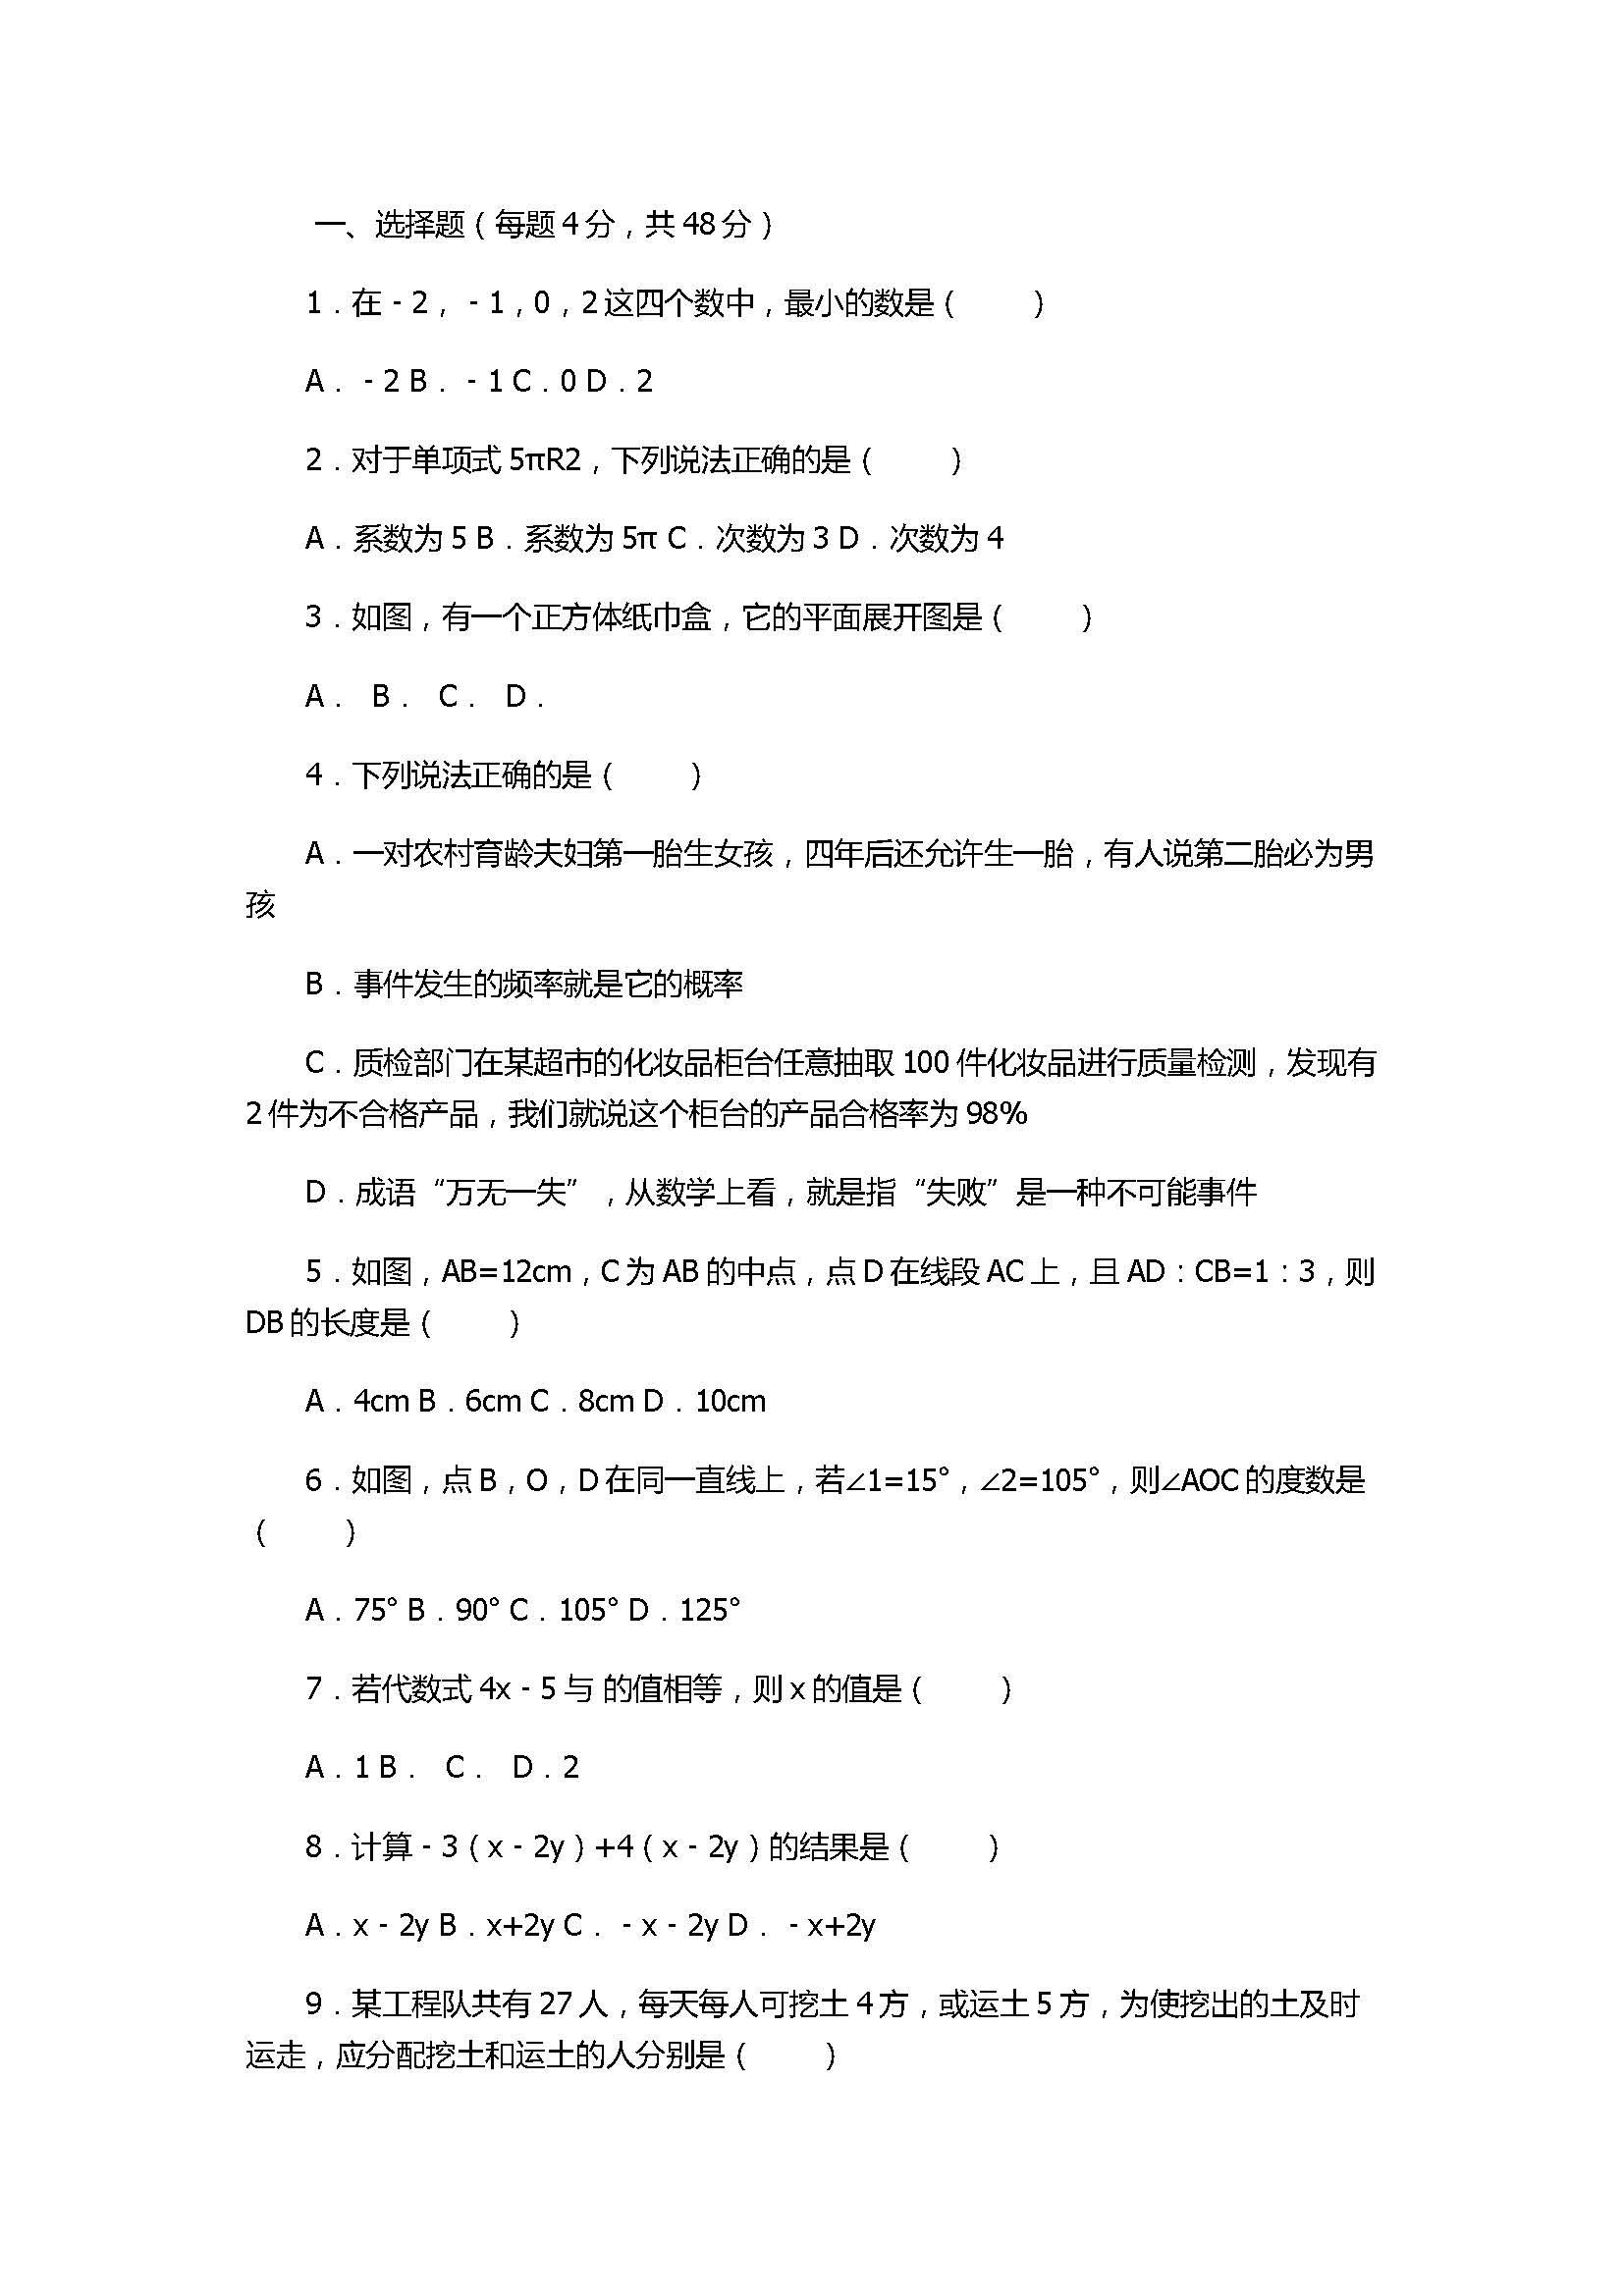 2017七年级数学上册期末试卷带答案和解释(重庆市巴蜀中学)